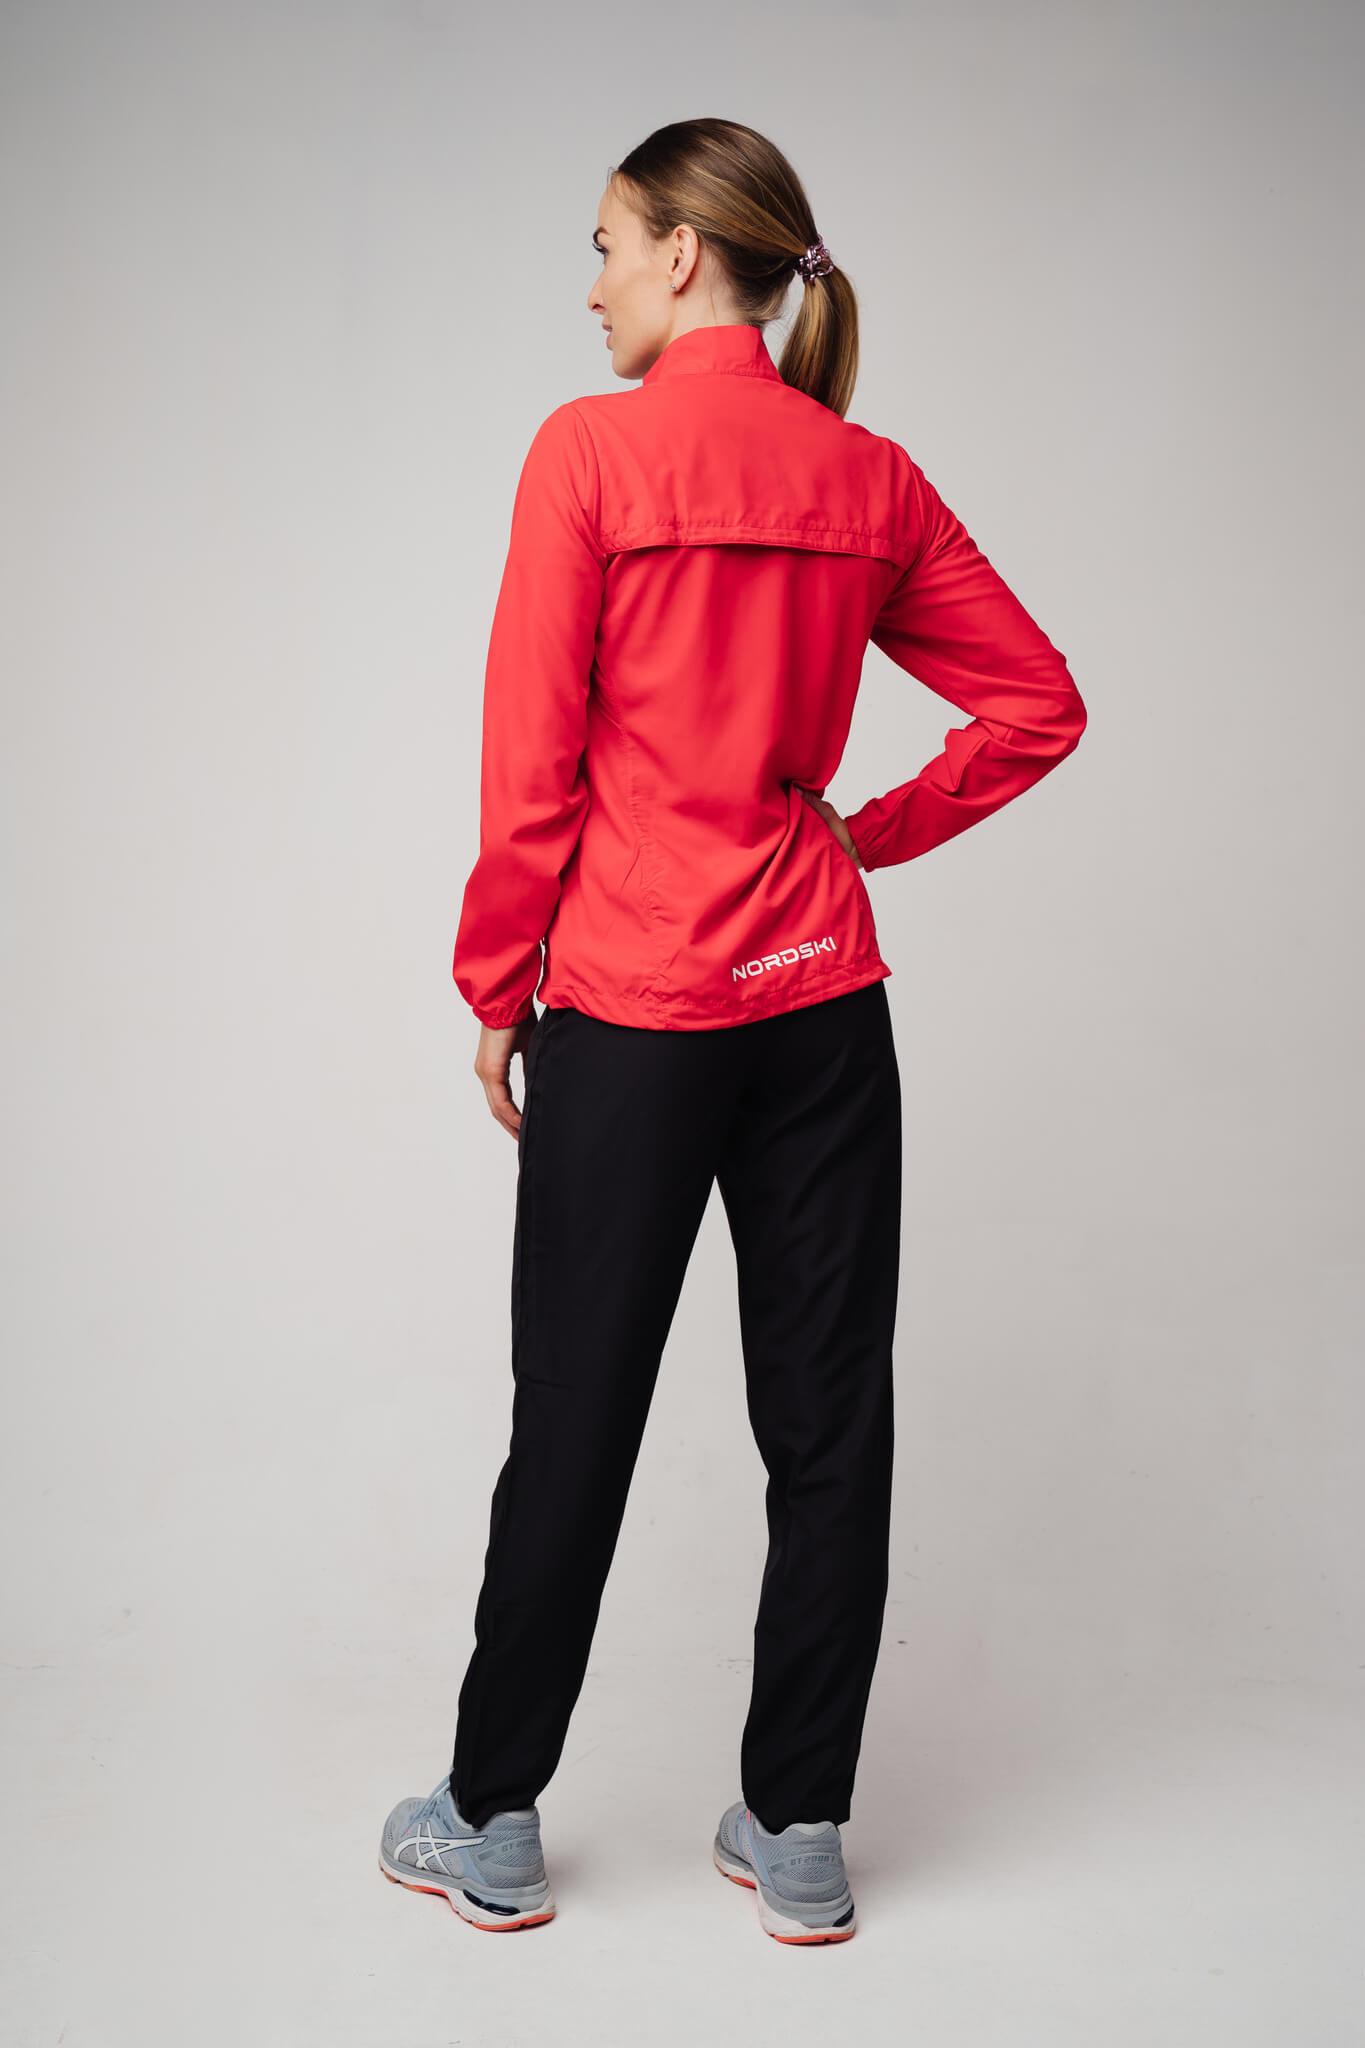 Nordski Motion куртка ветровка женская Red - 6